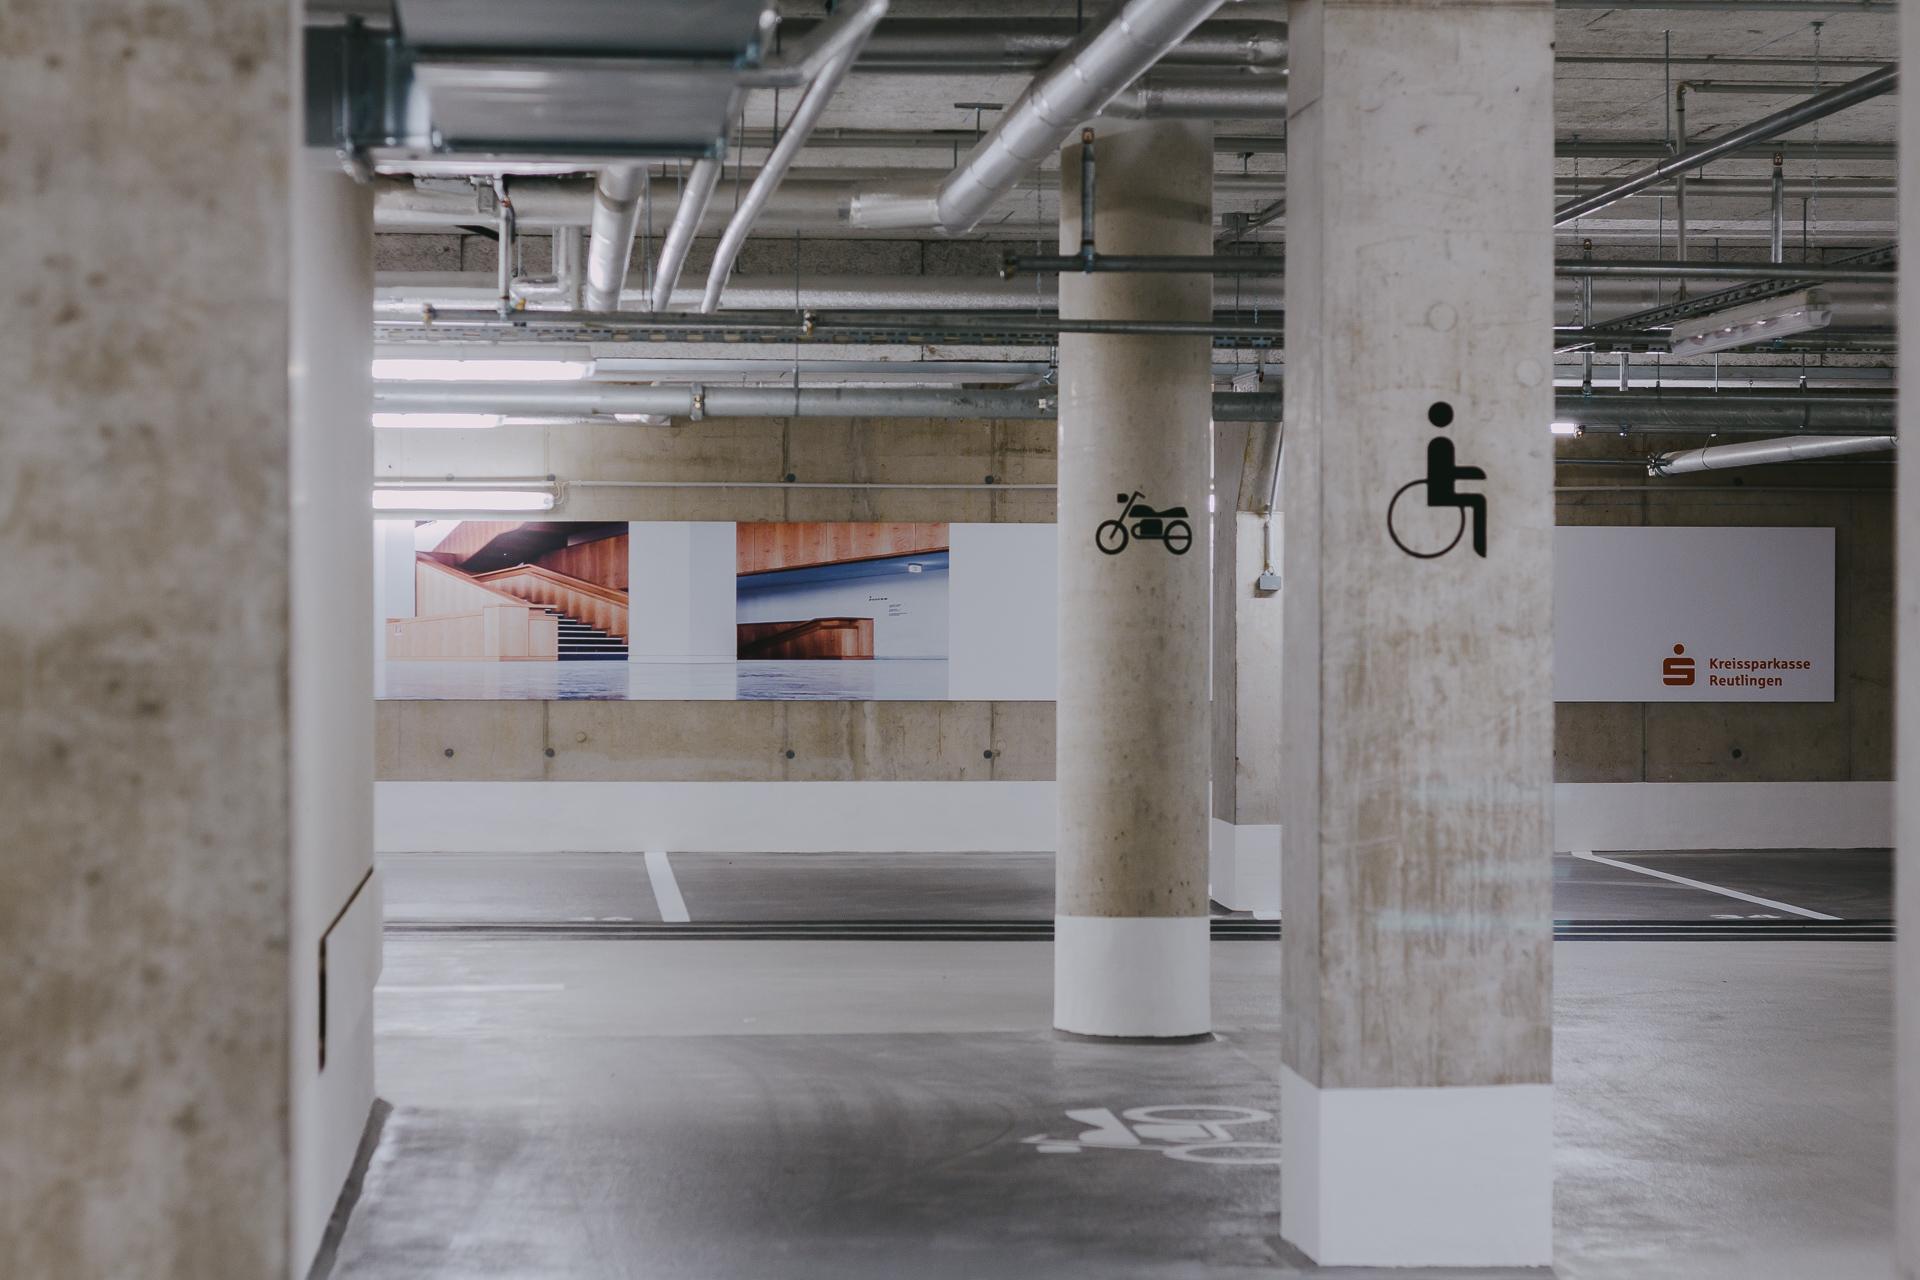 20121228_Stadthalle_Reutlingen_Tiefgarage_Motive_000000201